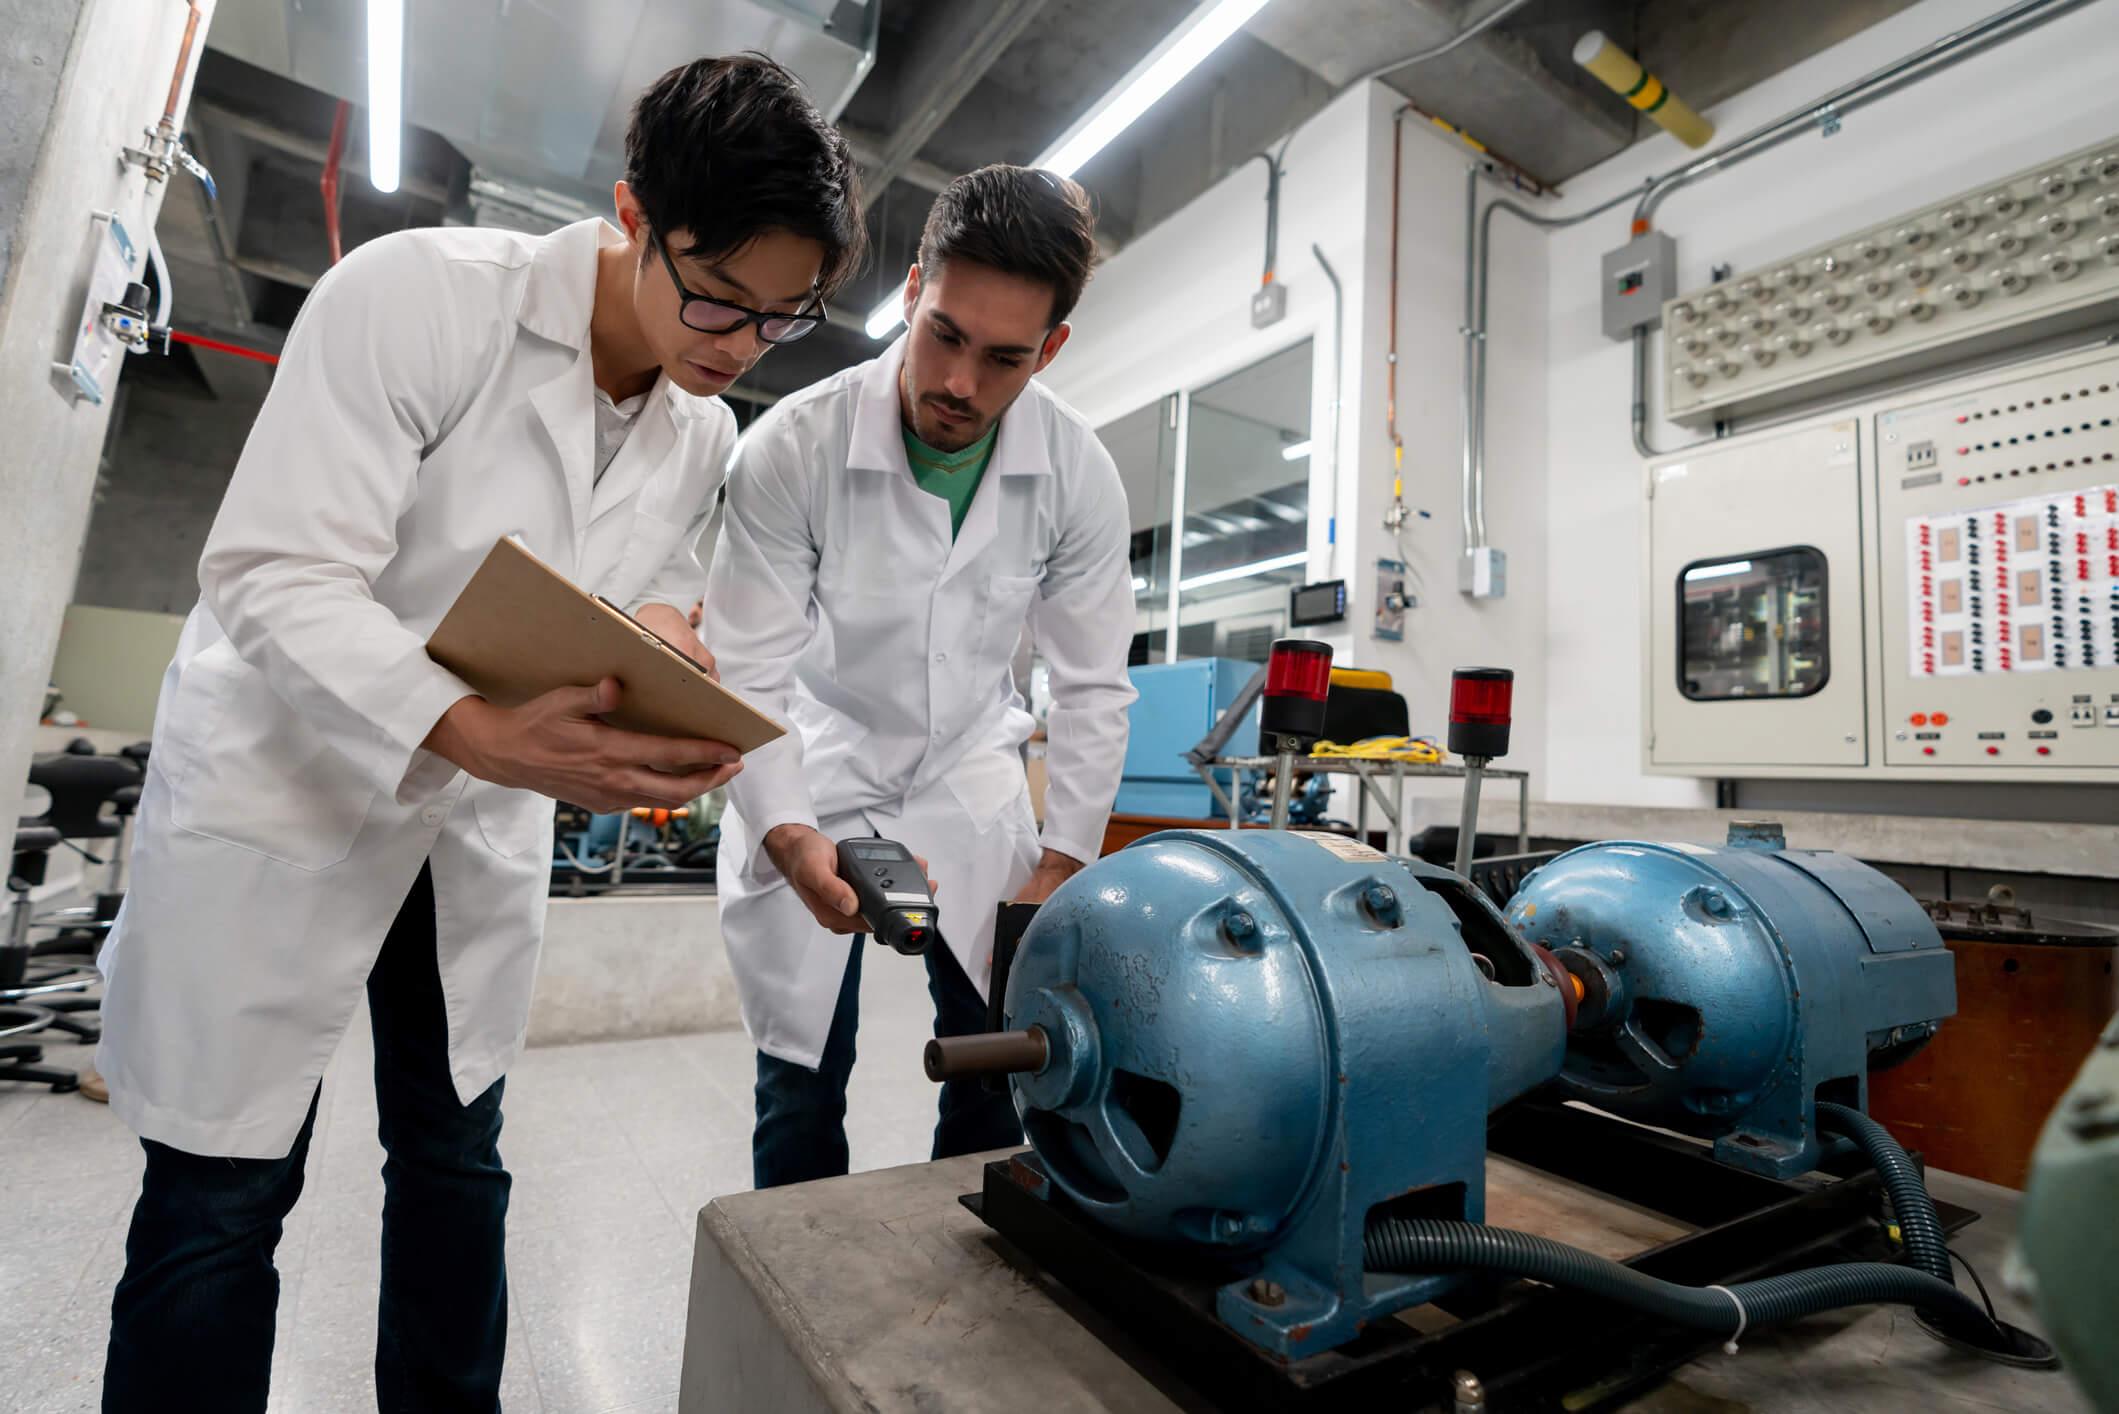 Japanese companies managing engineers